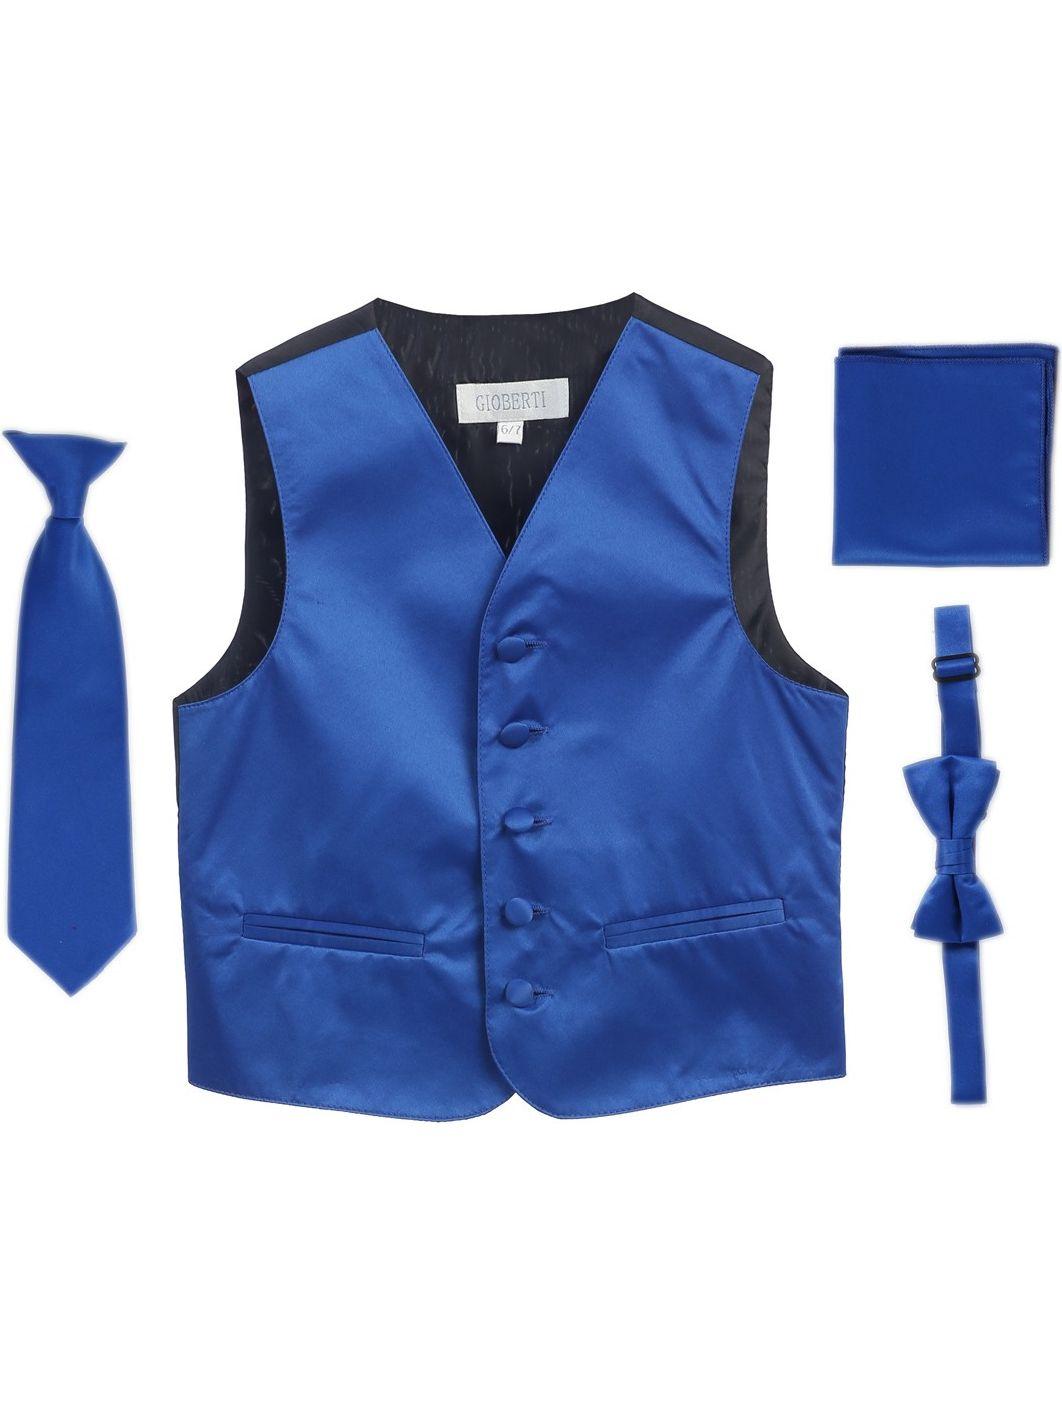 Royal Blue Vest Necktie Bowtie Pocket Square Boys Set 8-14